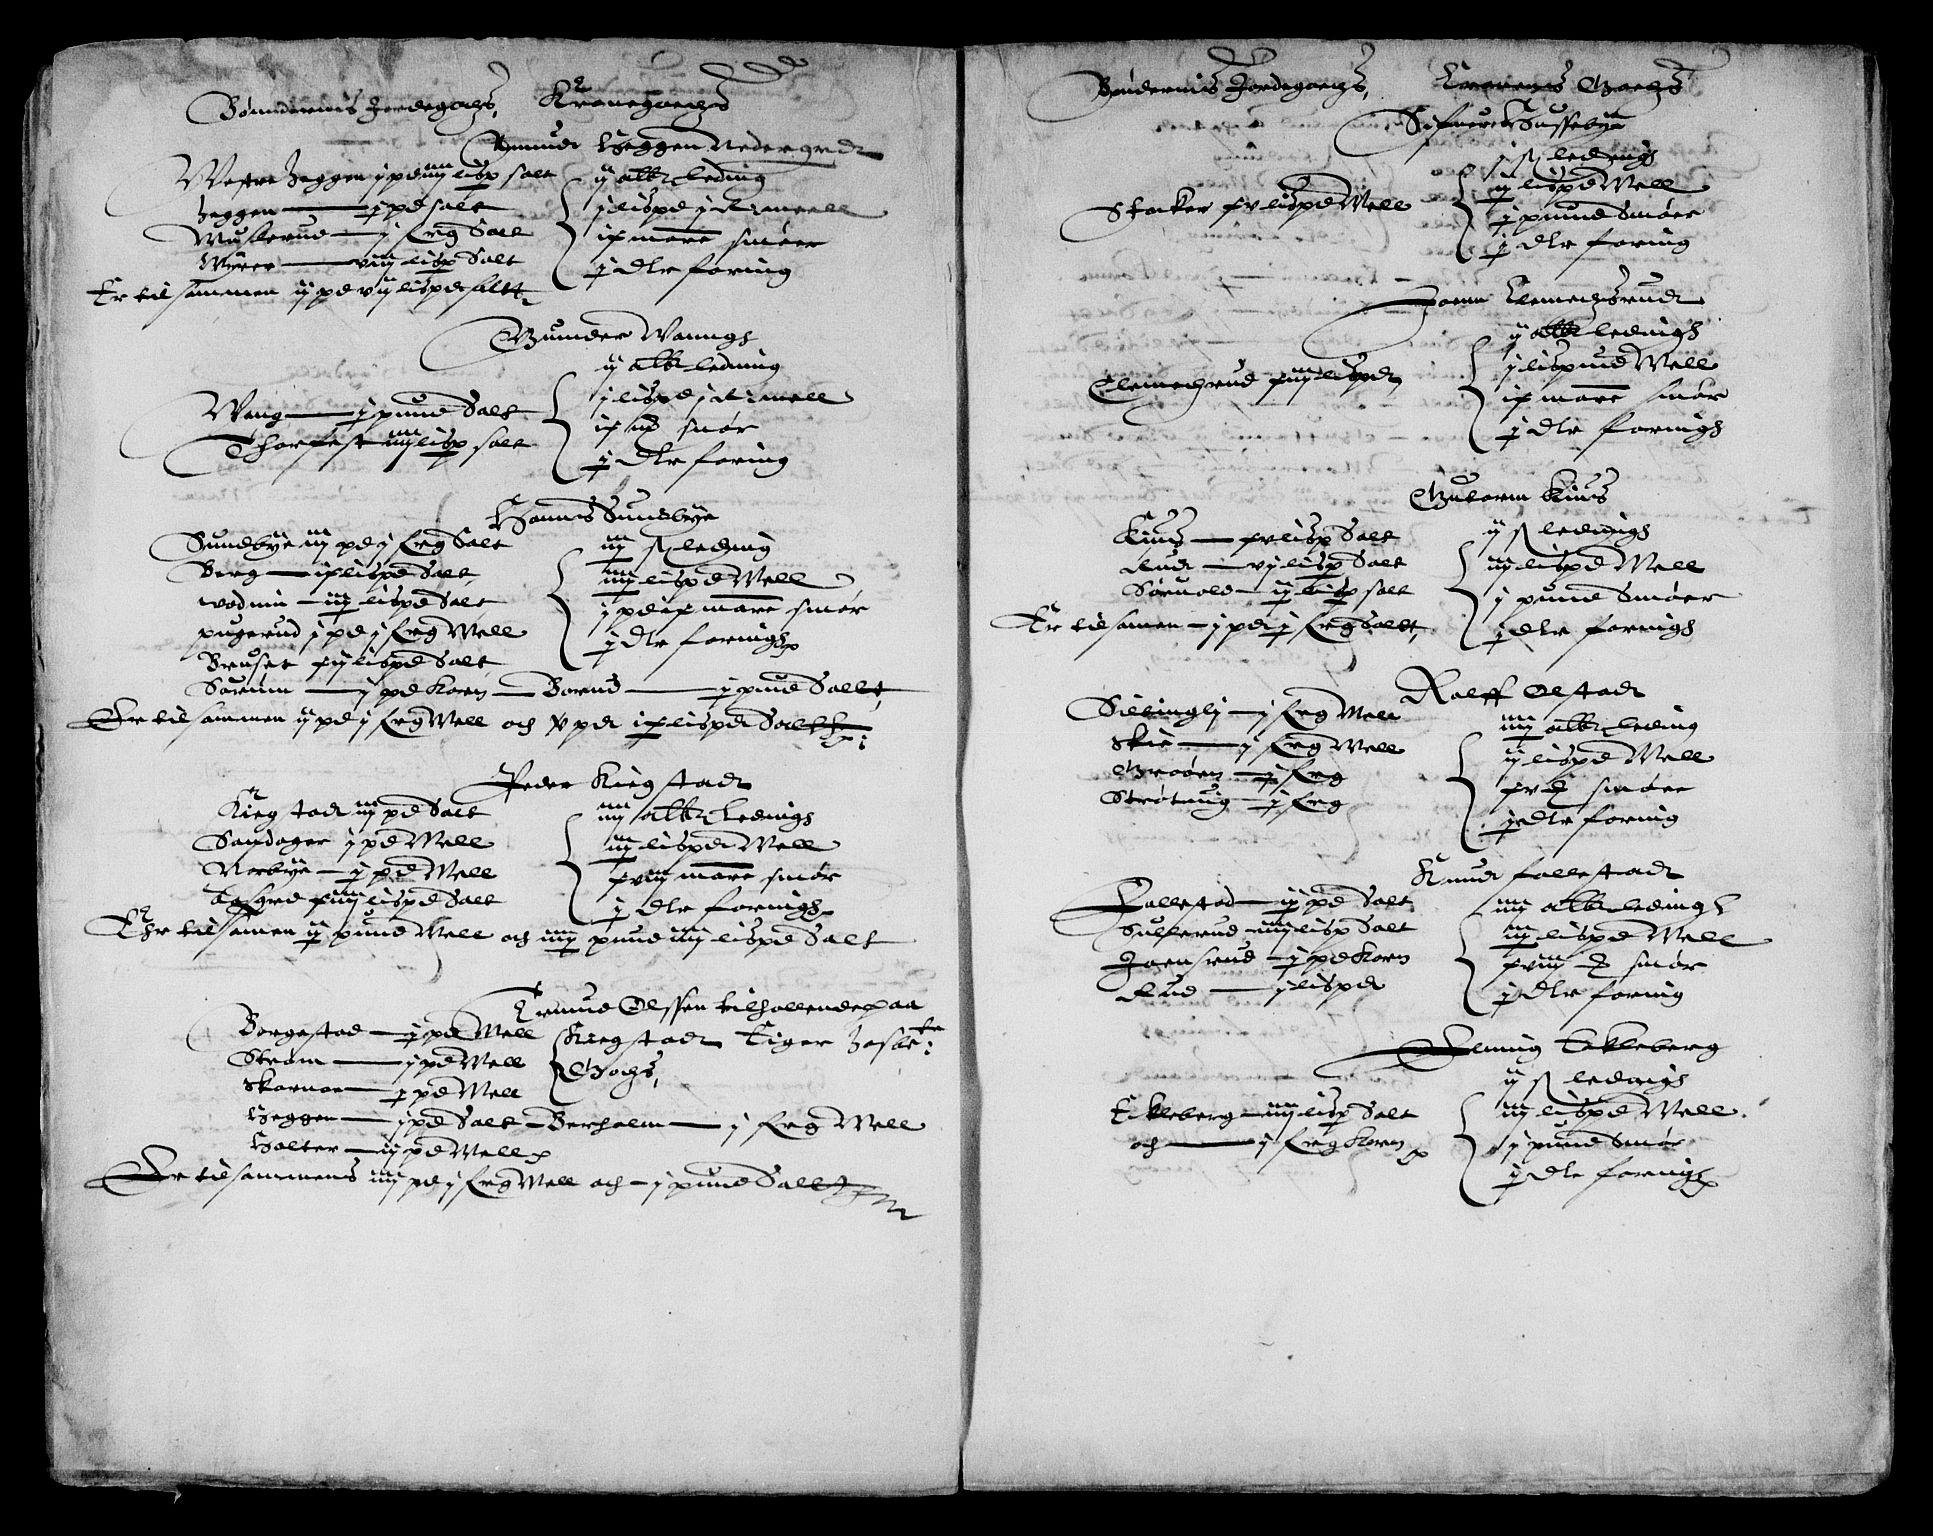 RA, Danske Kanselli, Skapsaker, F/L0038: Skap 9, pakke 324-350, 1615-1721, p. 202